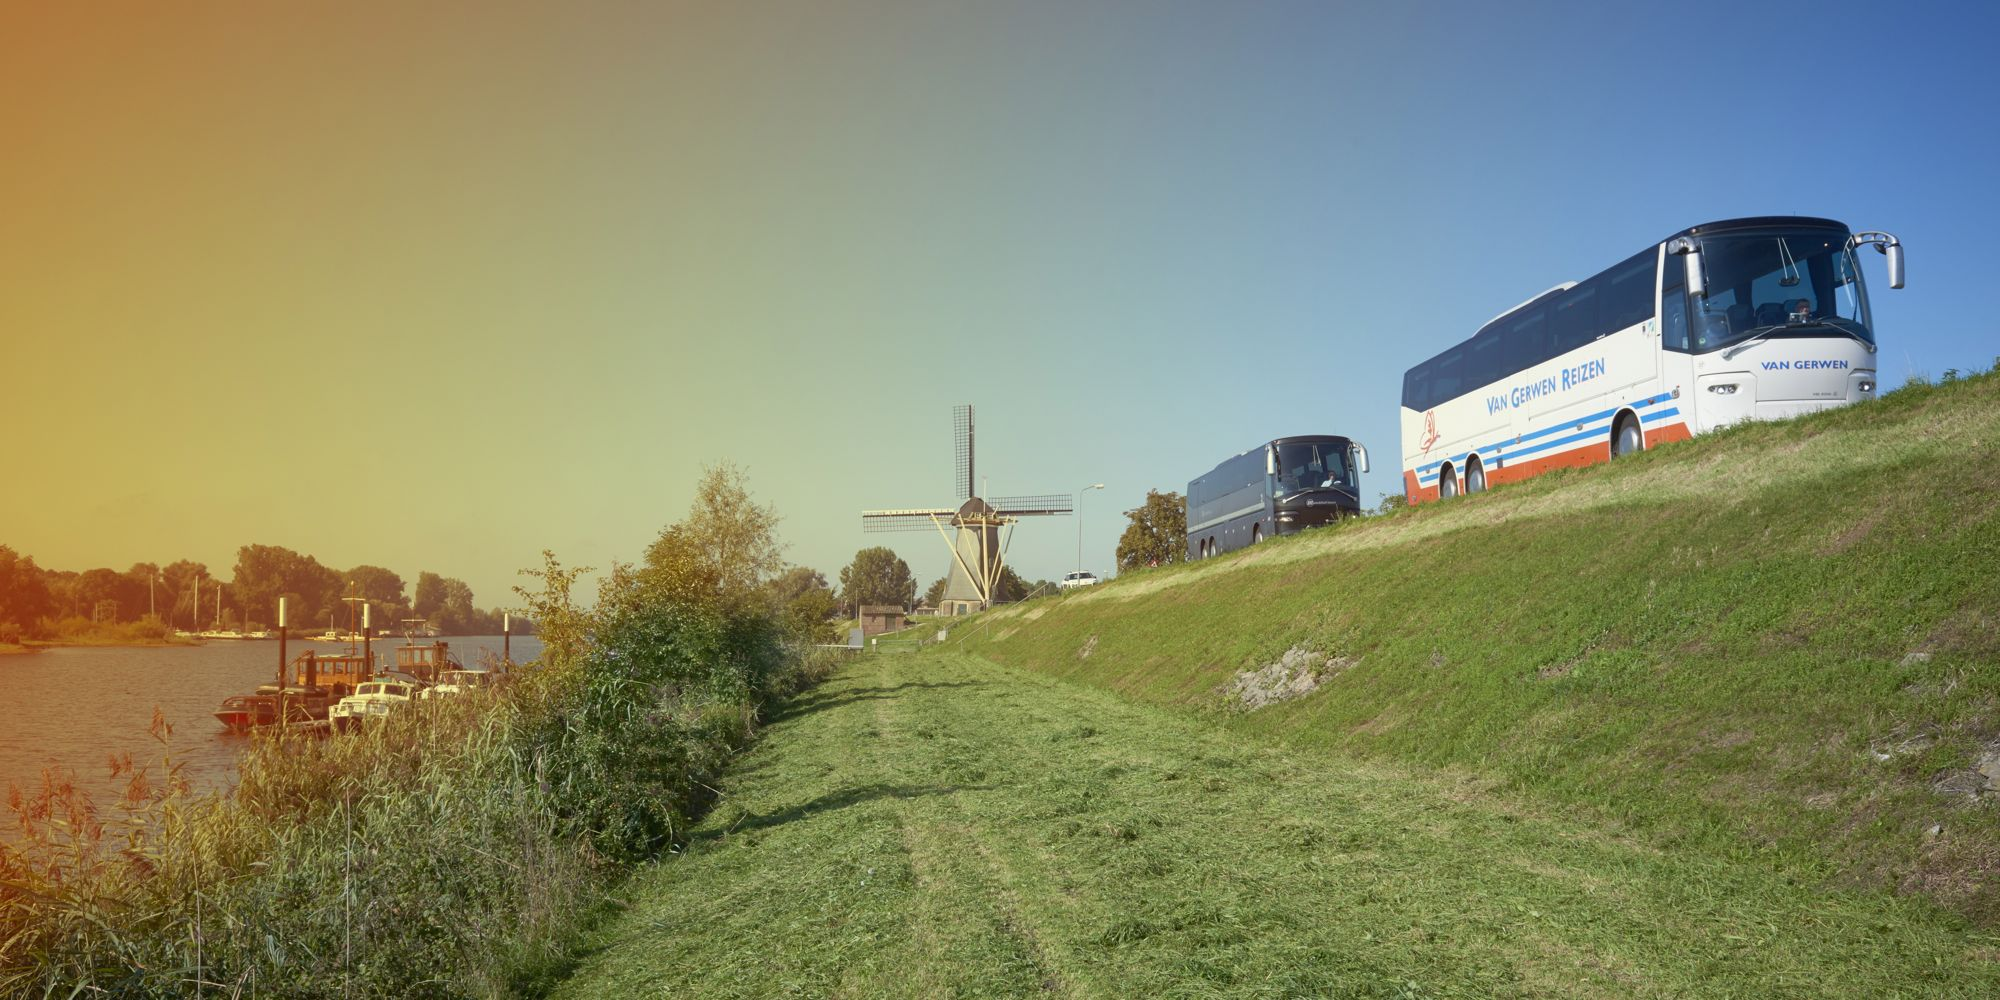 VanGerwenMunckhof-slider3